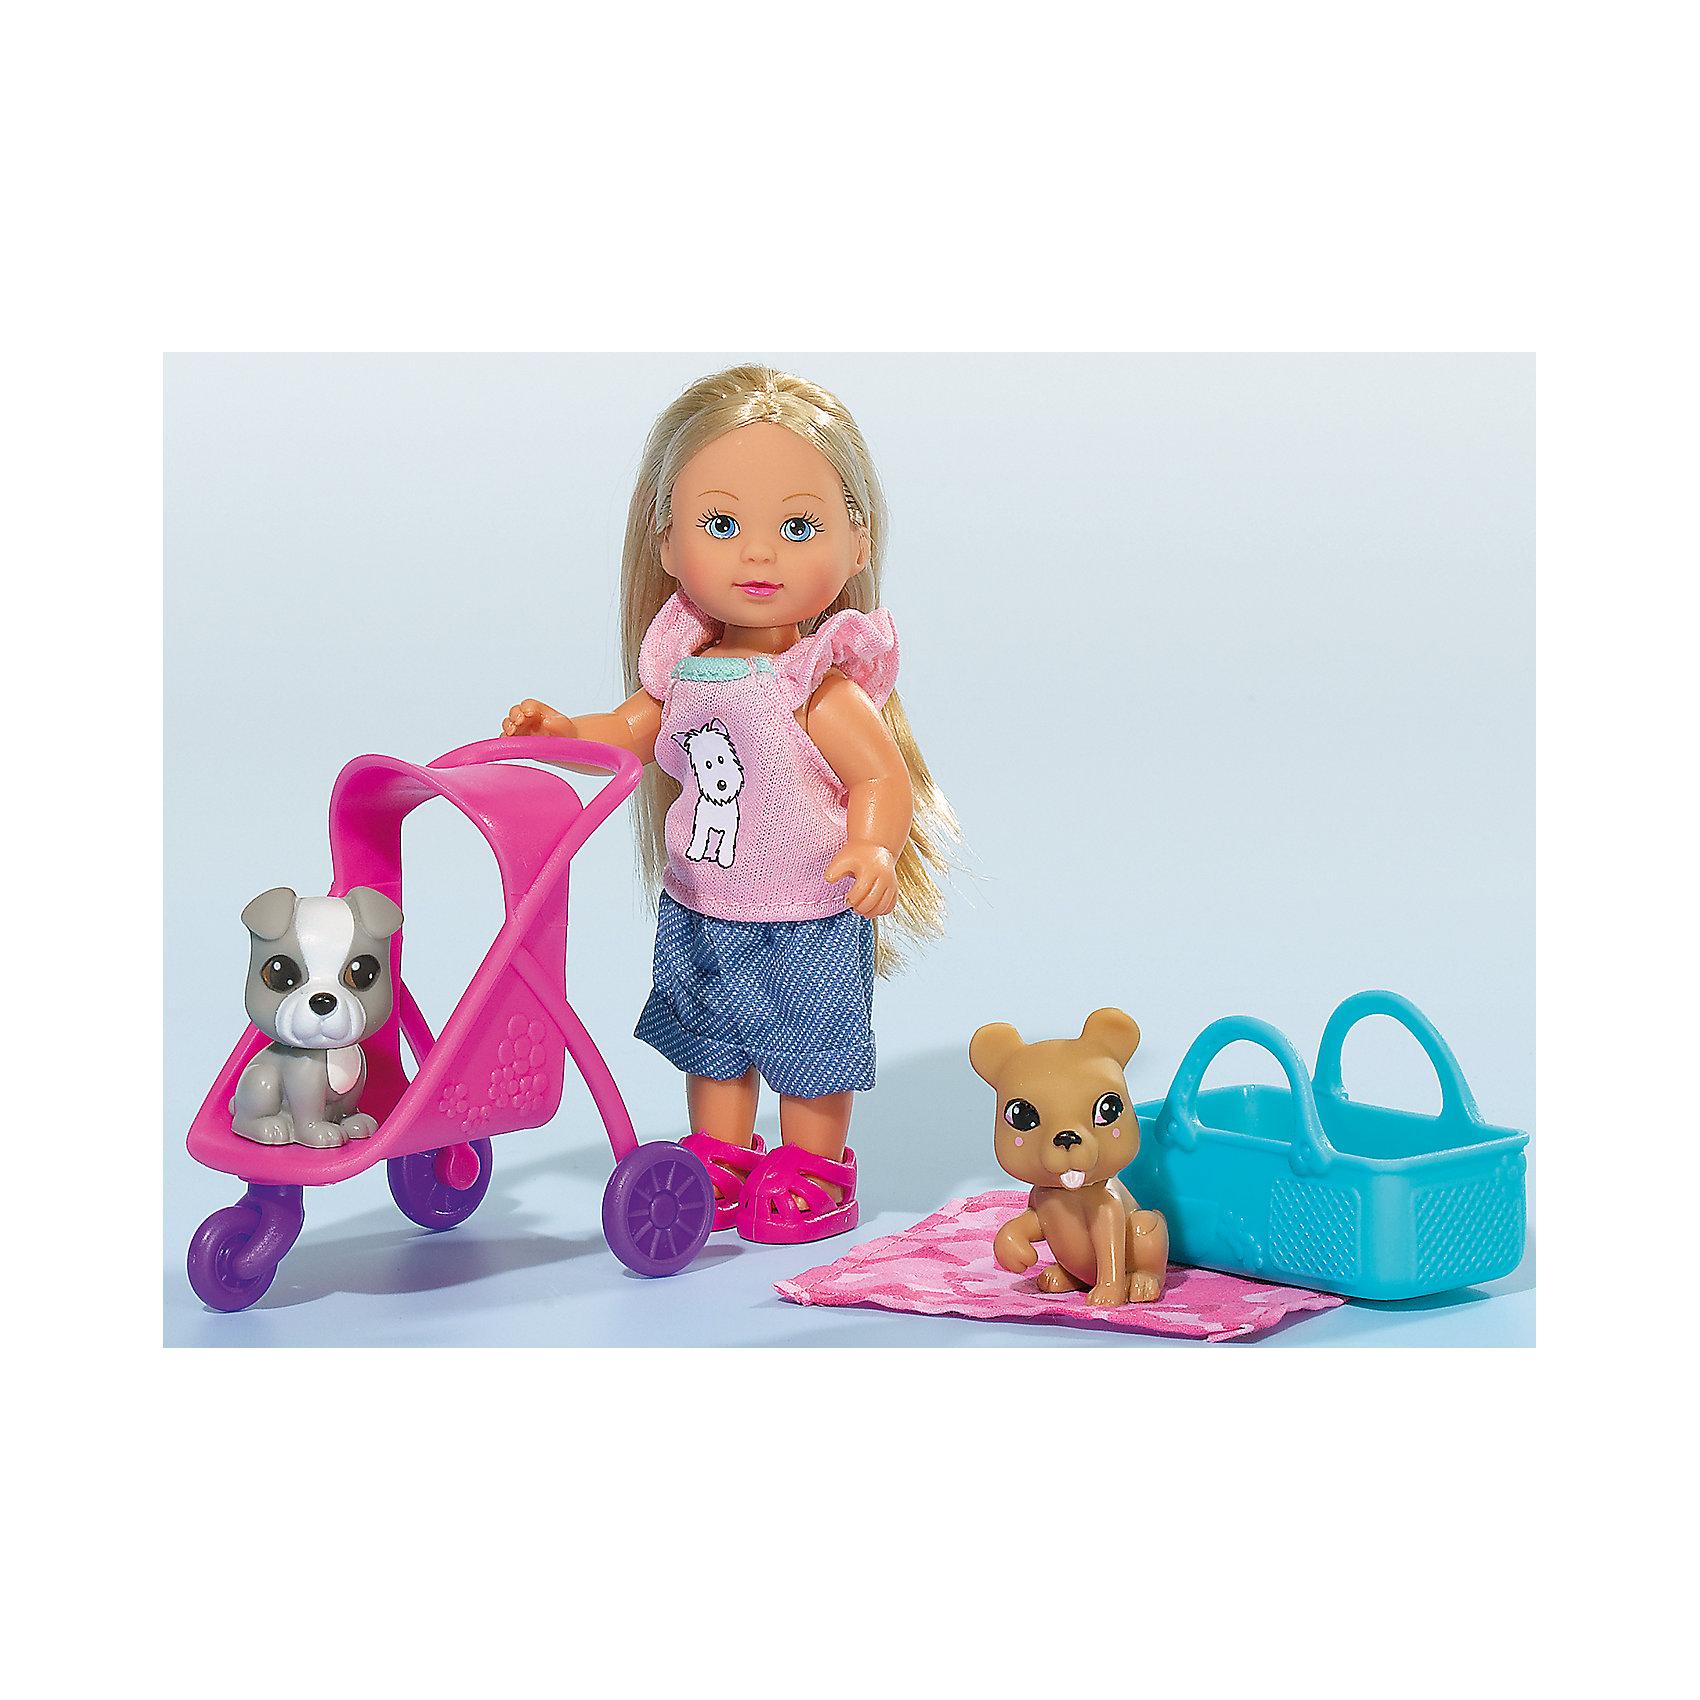 Кукла Еви с двумя собачками и коляской, 12 см, SimbaБренды кукол<br>Характеристики товара:<br><br>- цвет: разноцветный;<br>- материал: пластик;<br>- возраст: от трех лет;<br>- комплектация: кукла, одежда, 2 фигурки животных, аксессуары;<br>- высота куклы: 12 см.<br><br>Эта симпатичная кукла Еви от известного бренда приводит детей в восторг! Какая девочка сможет отказаться поиграть с куклами, которые дополнены набором в виде животных?! В набор также входят аксессуары и для игр с куклой. Игрушка очень качественно выполнена, поэтому она станет замечательным подарком ребенку. <br>Продается набор в красивой удобной упаковке. Изделие произведено из высококачественного материала, безопасного для детей.<br><br>Куклу Еви с двумя собачками и коляской от бренда Simba можно купить в нашем интернет-магазине.<br><br>Ширина мм: 60<br>Глубина мм: 160<br>Высота мм: 120<br>Вес г: 130<br>Возраст от месяцев: 36<br>Возраст до месяцев: 120<br>Пол: Женский<br>Возраст: Детский<br>SKU: 5119522